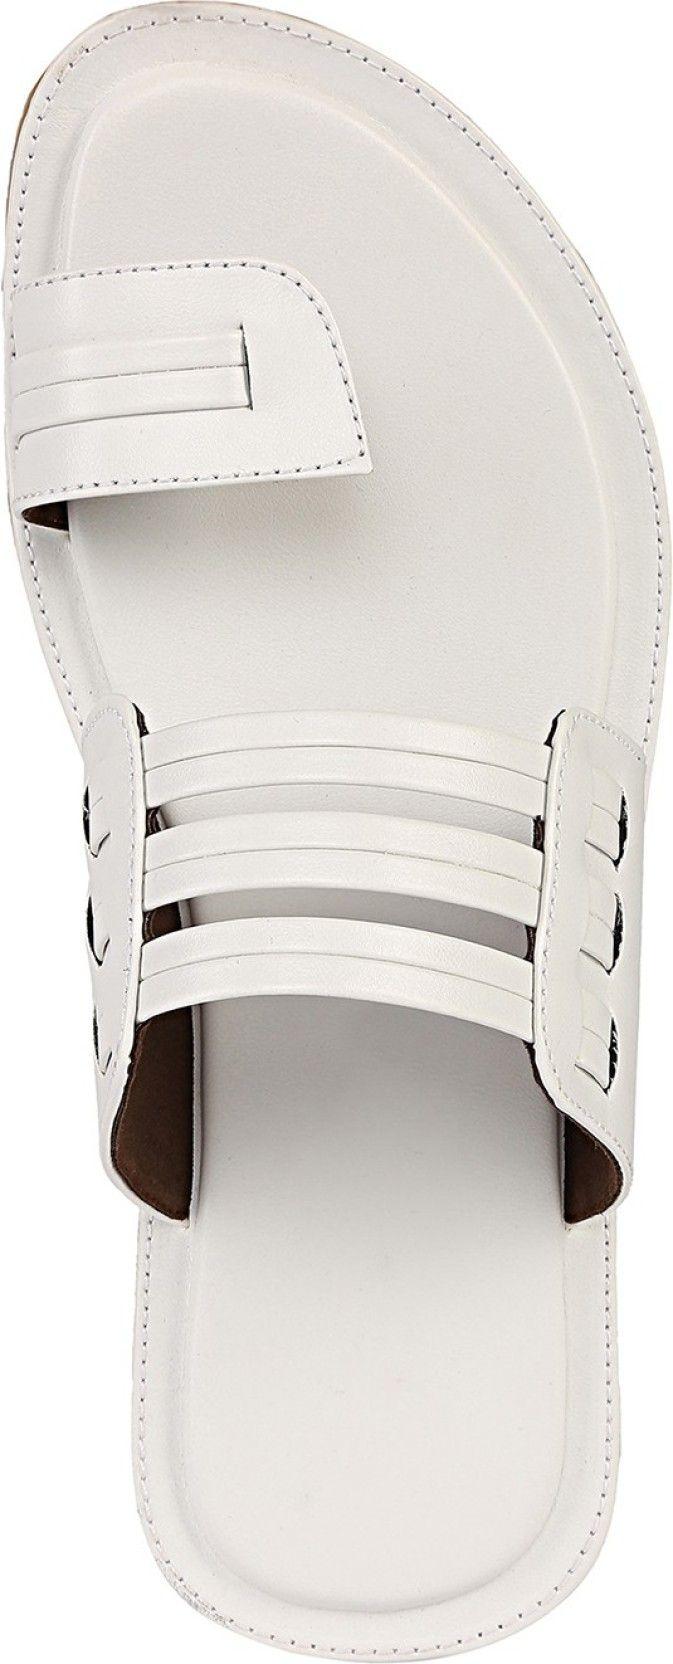 Black sandals ultima online - Shoe Bazar Men Beige Sandals Buy Beige Color Shoe Bazar Men Beige Sandals Online At